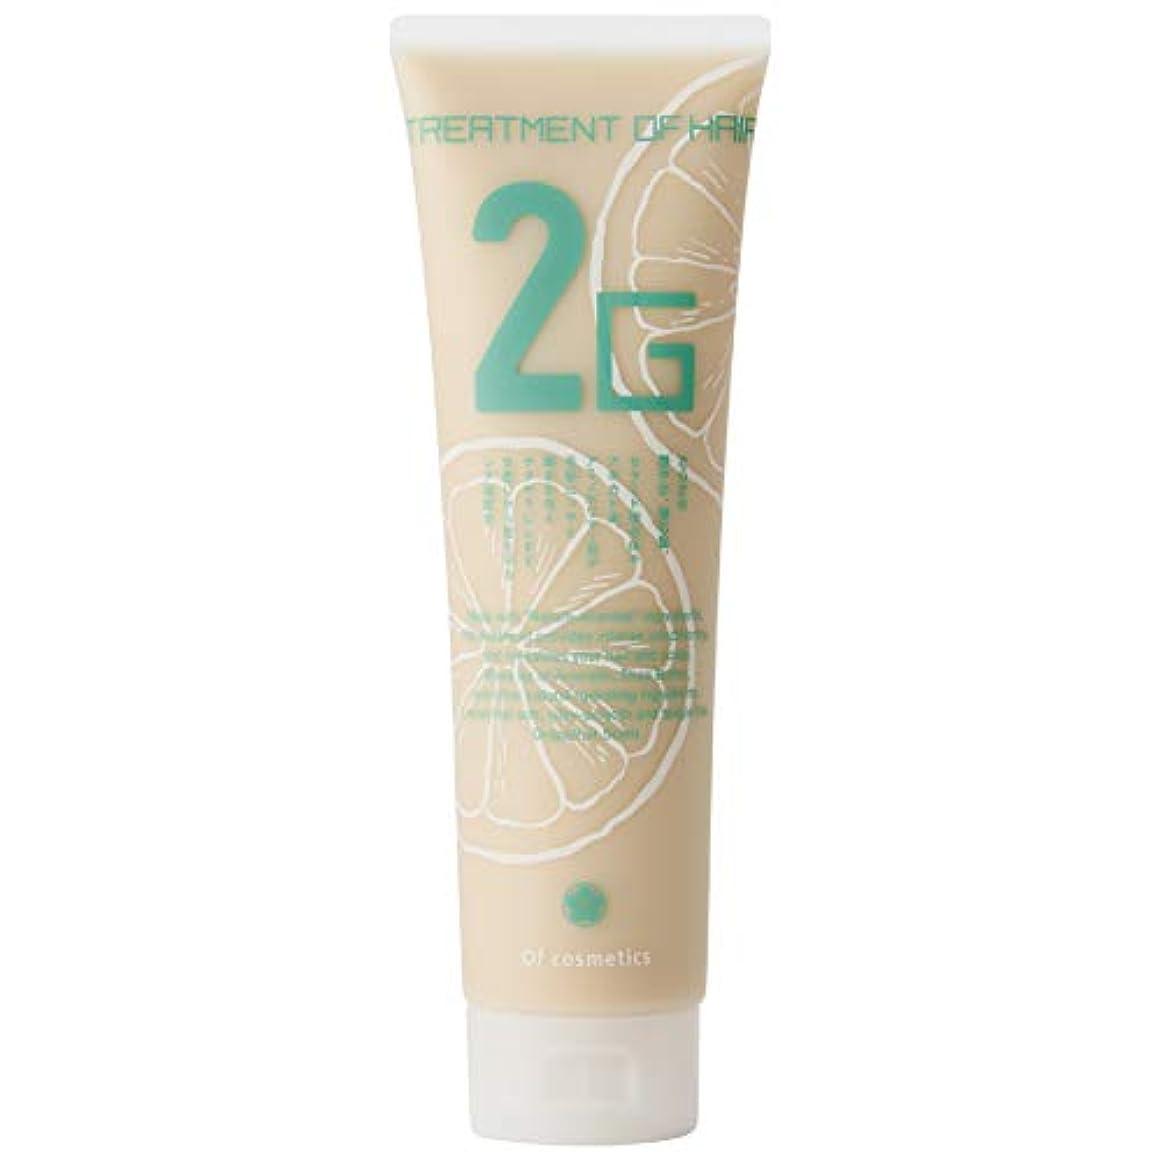 圧倒的促す非効率的なオブ?コスメティックス トリートメント オブヘア?2-Gスタンダードサイズ(グレープフルーツの香り)210g